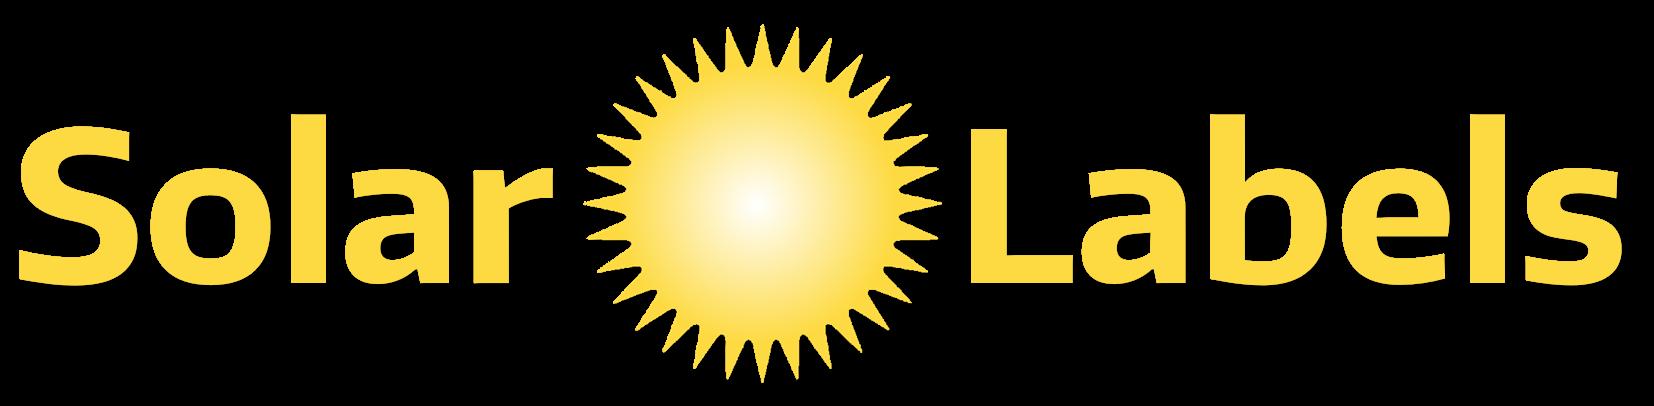 """solar-labels.de -  3 Labels für die Umwelt: Solarbier, Solar-Food und """"Solar für Betriebsstätten"""""""